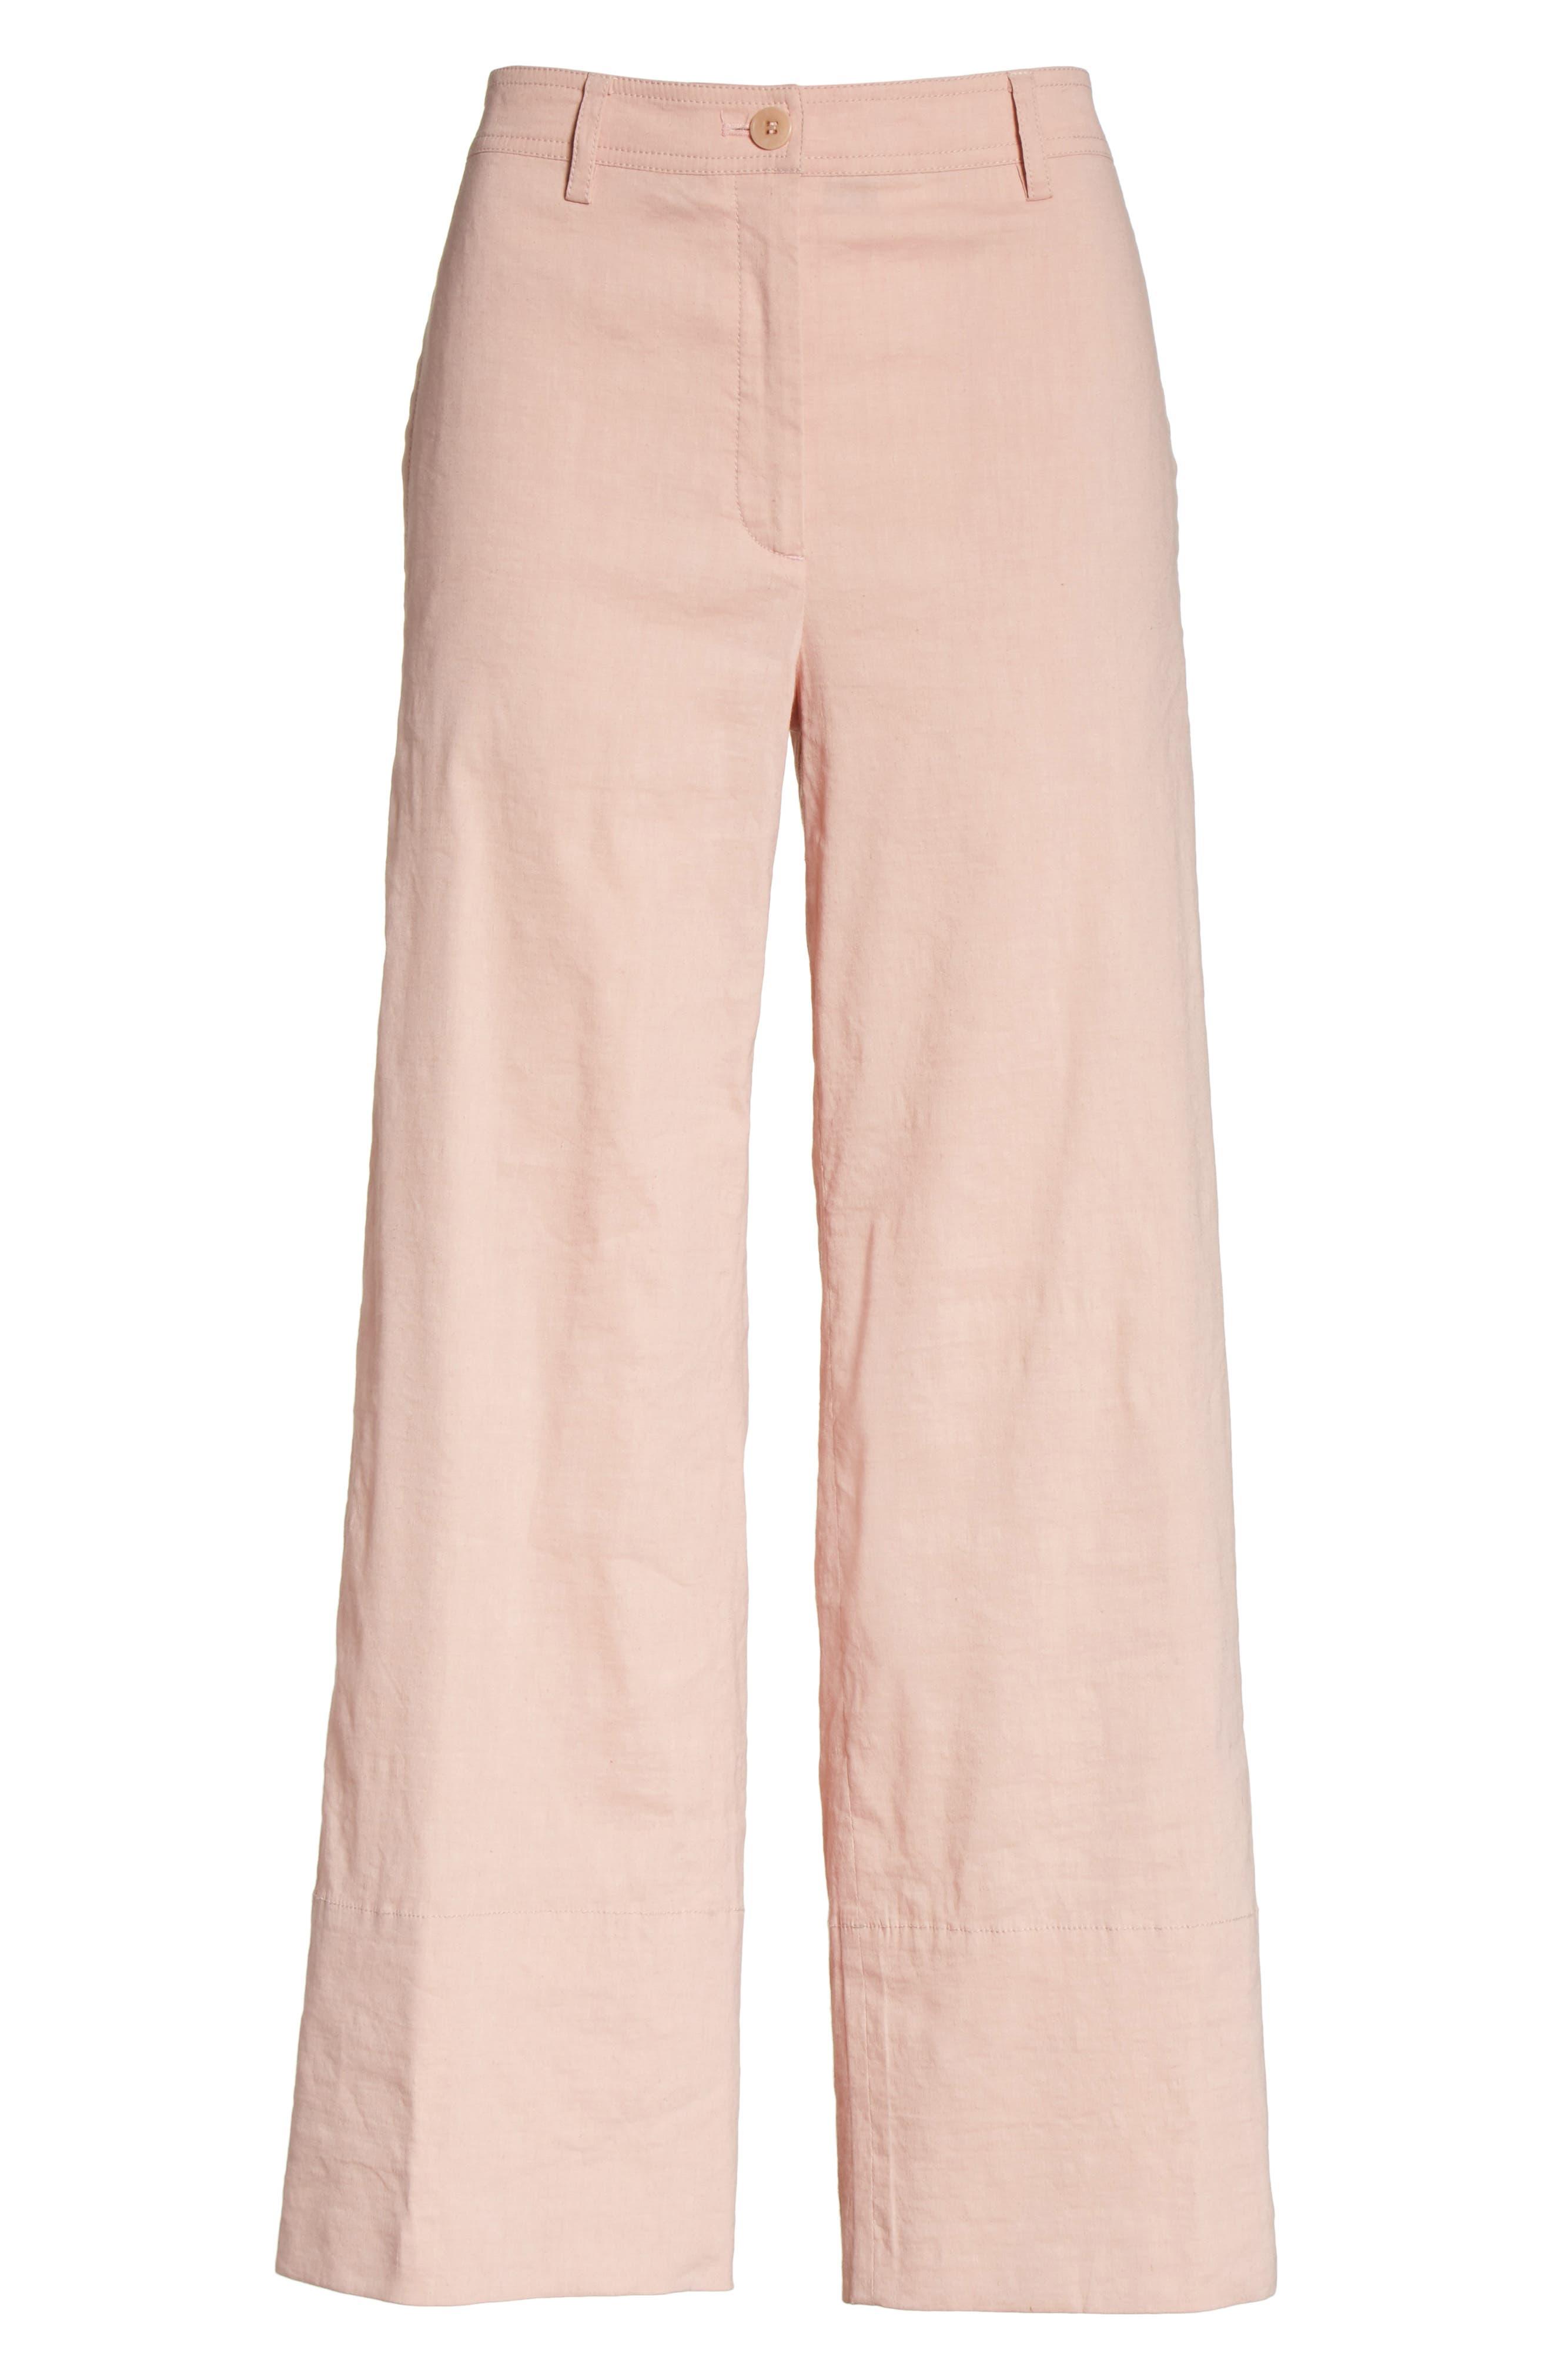 Fluid Wide Leg Crop Pants,                             Alternate thumbnail 6, color,                             Pink Ballet